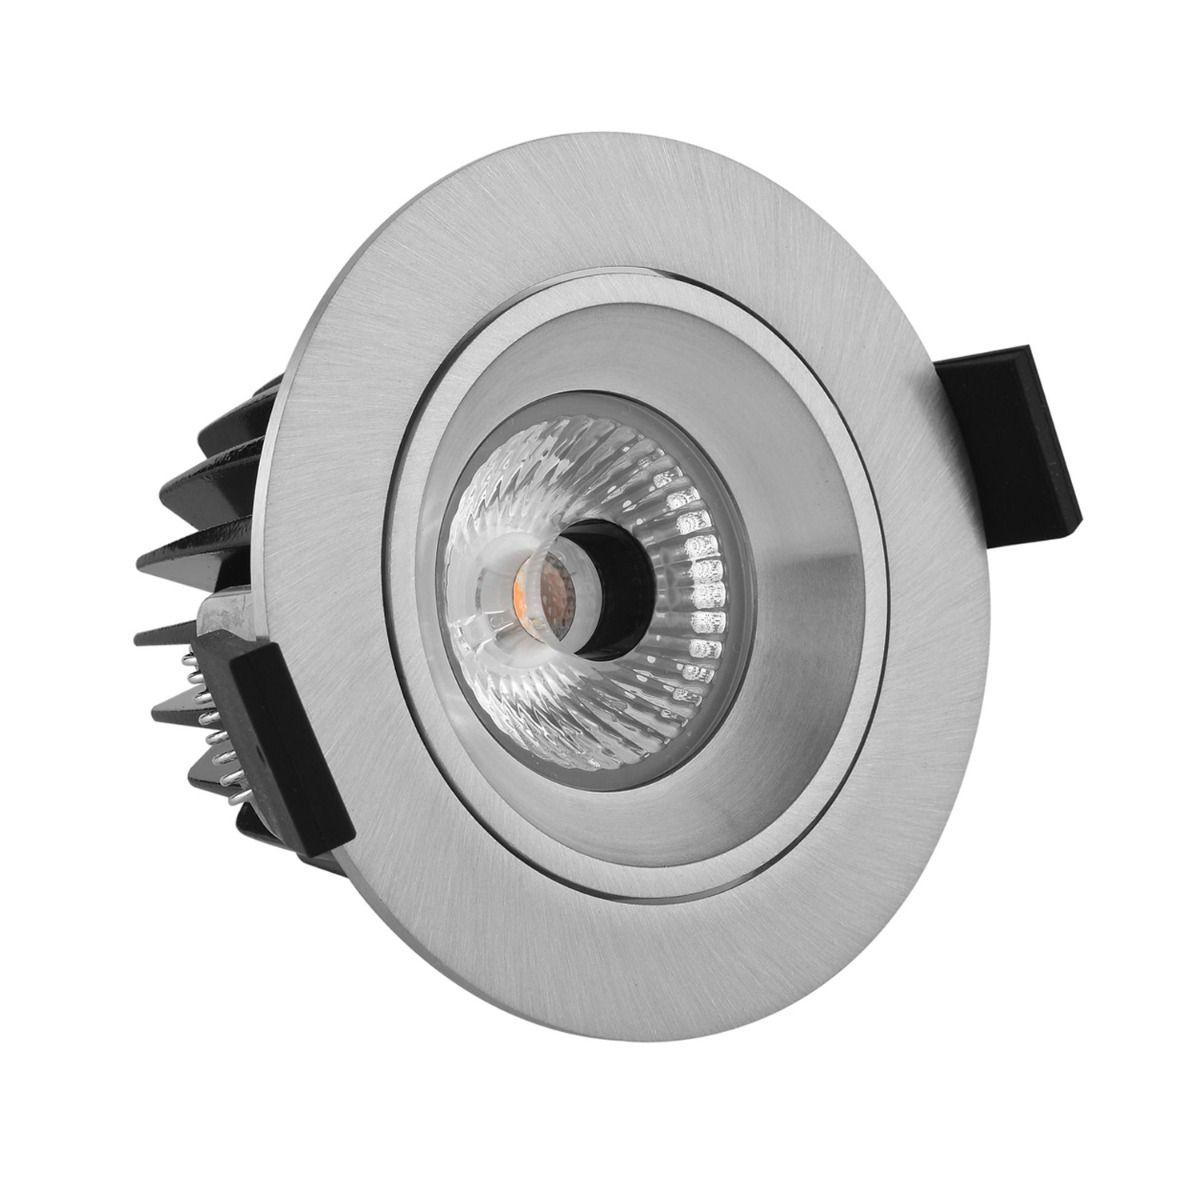 Noxion LED Spot Diamond IP44 2700K Aluminium   Best Colour Rendering - Dimmable